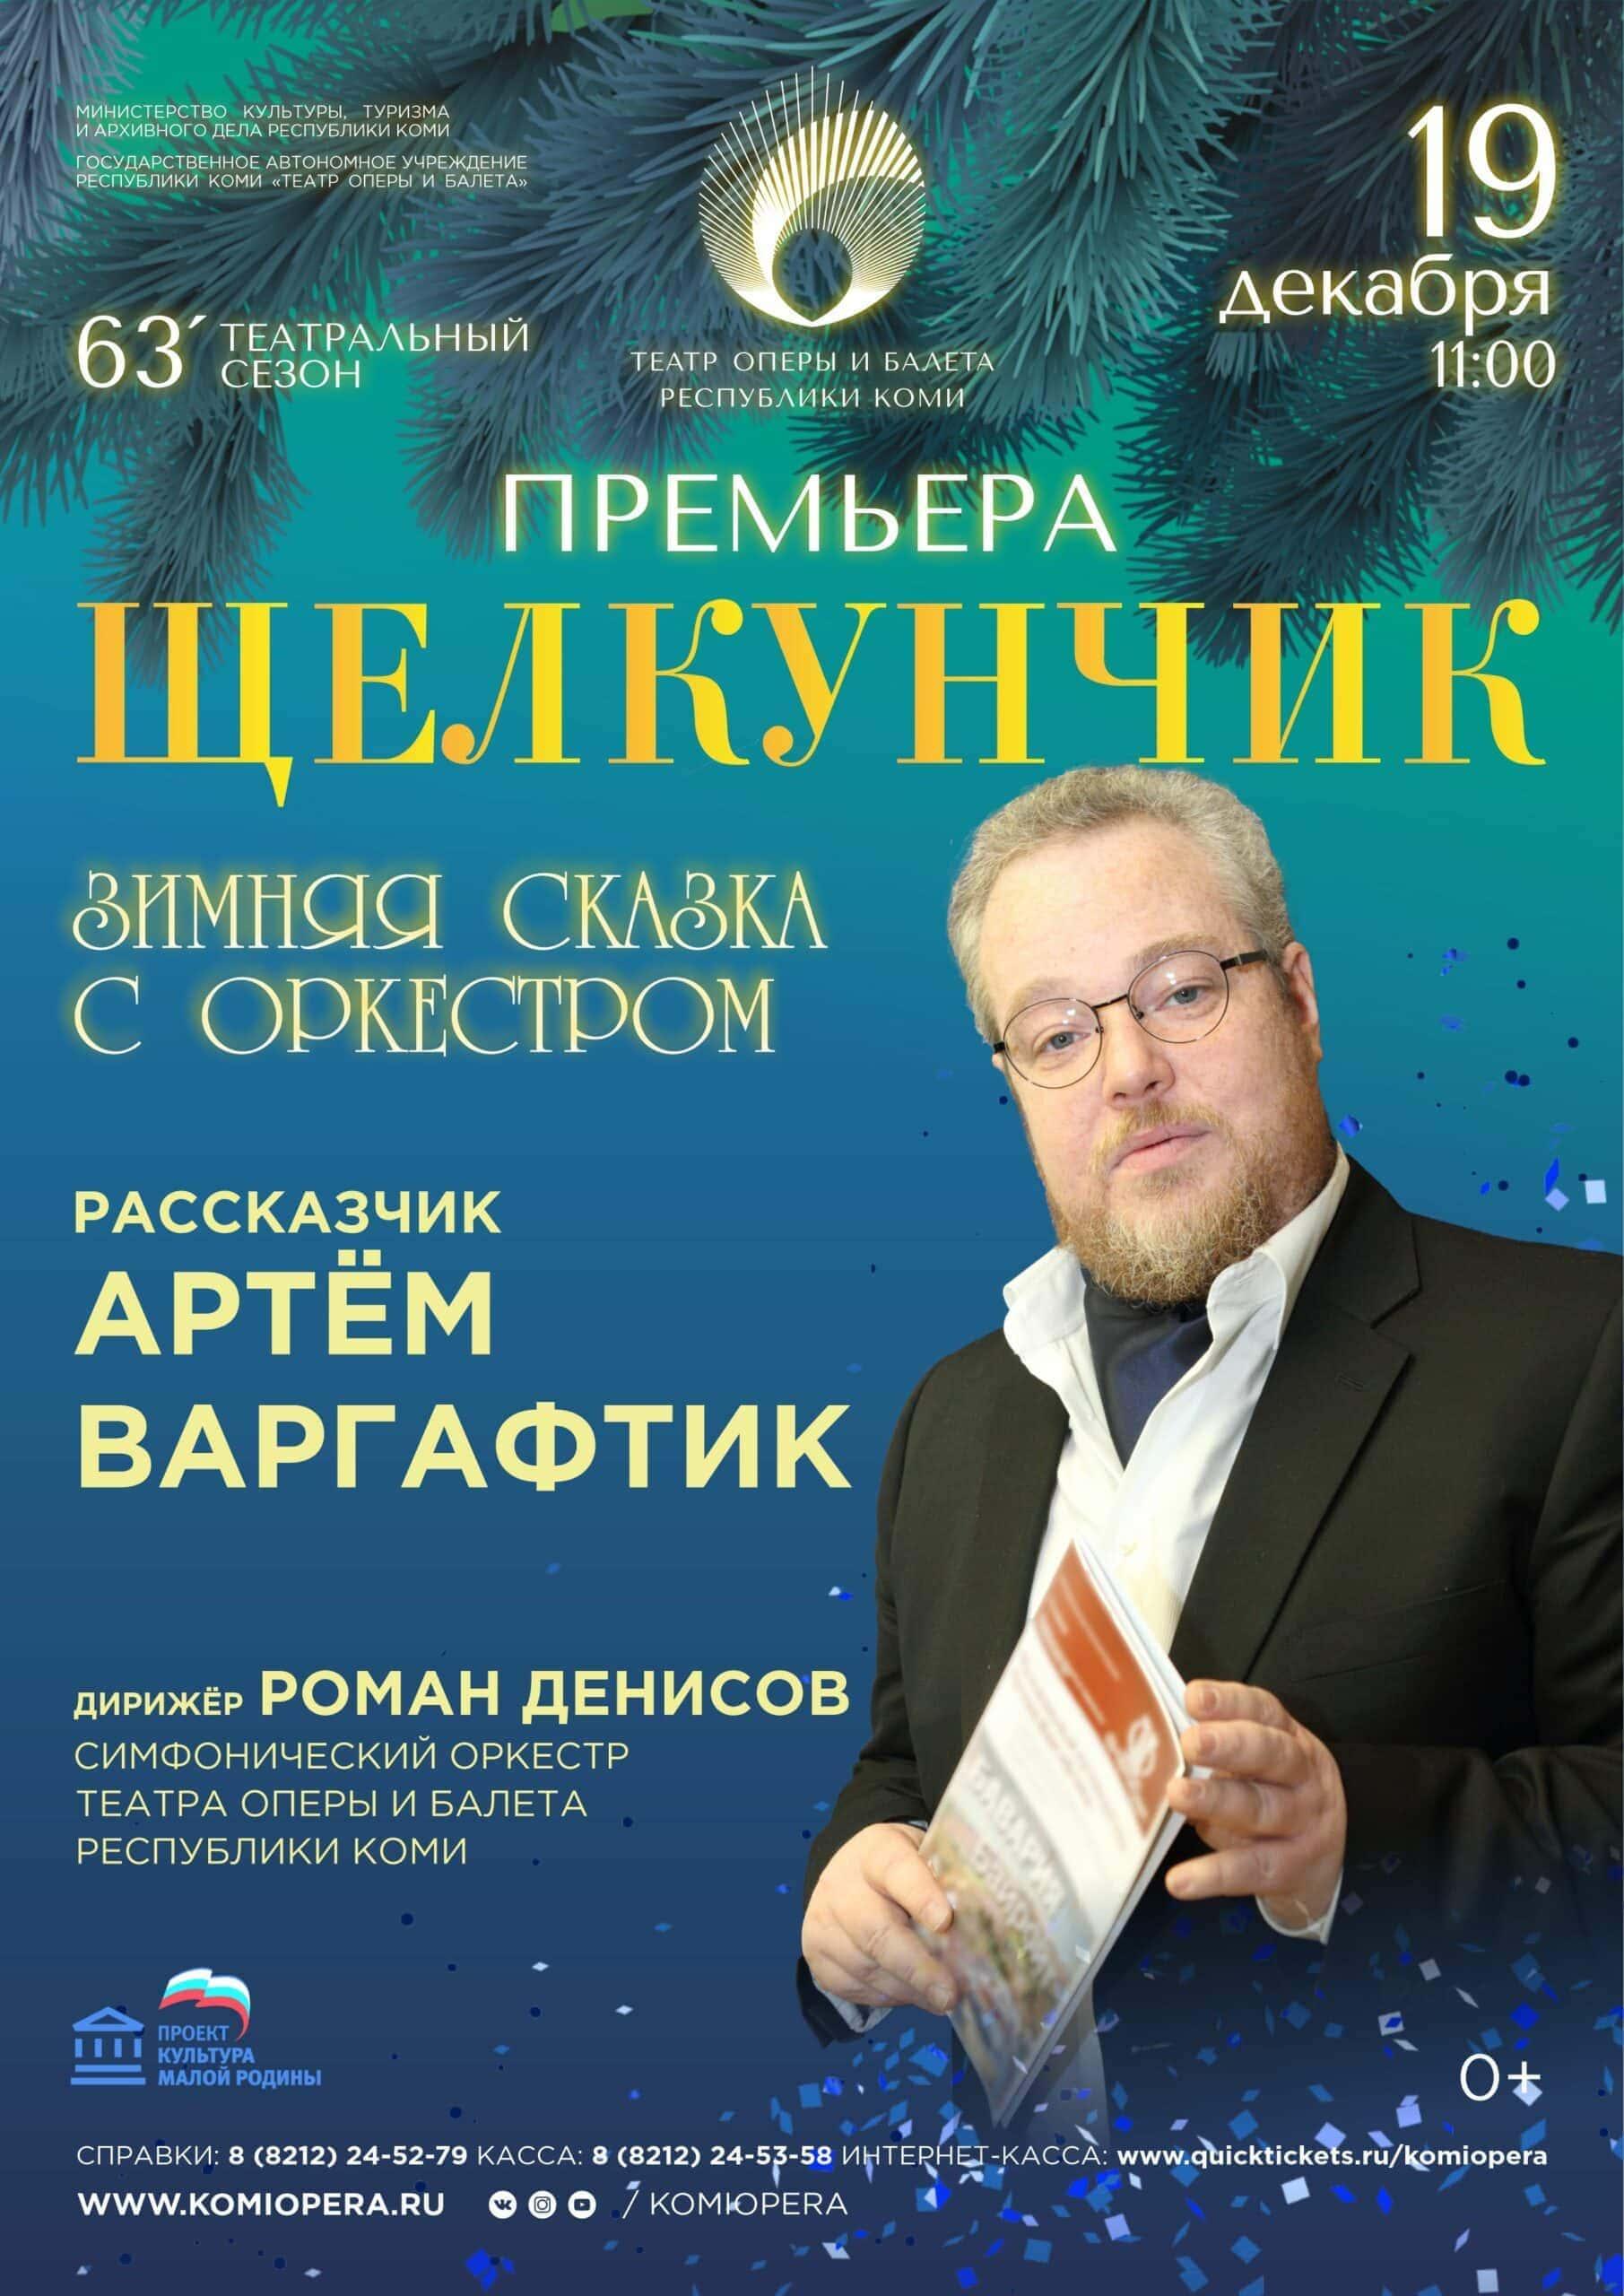 «Щелкунчик»: зимняя сказка с оркестром